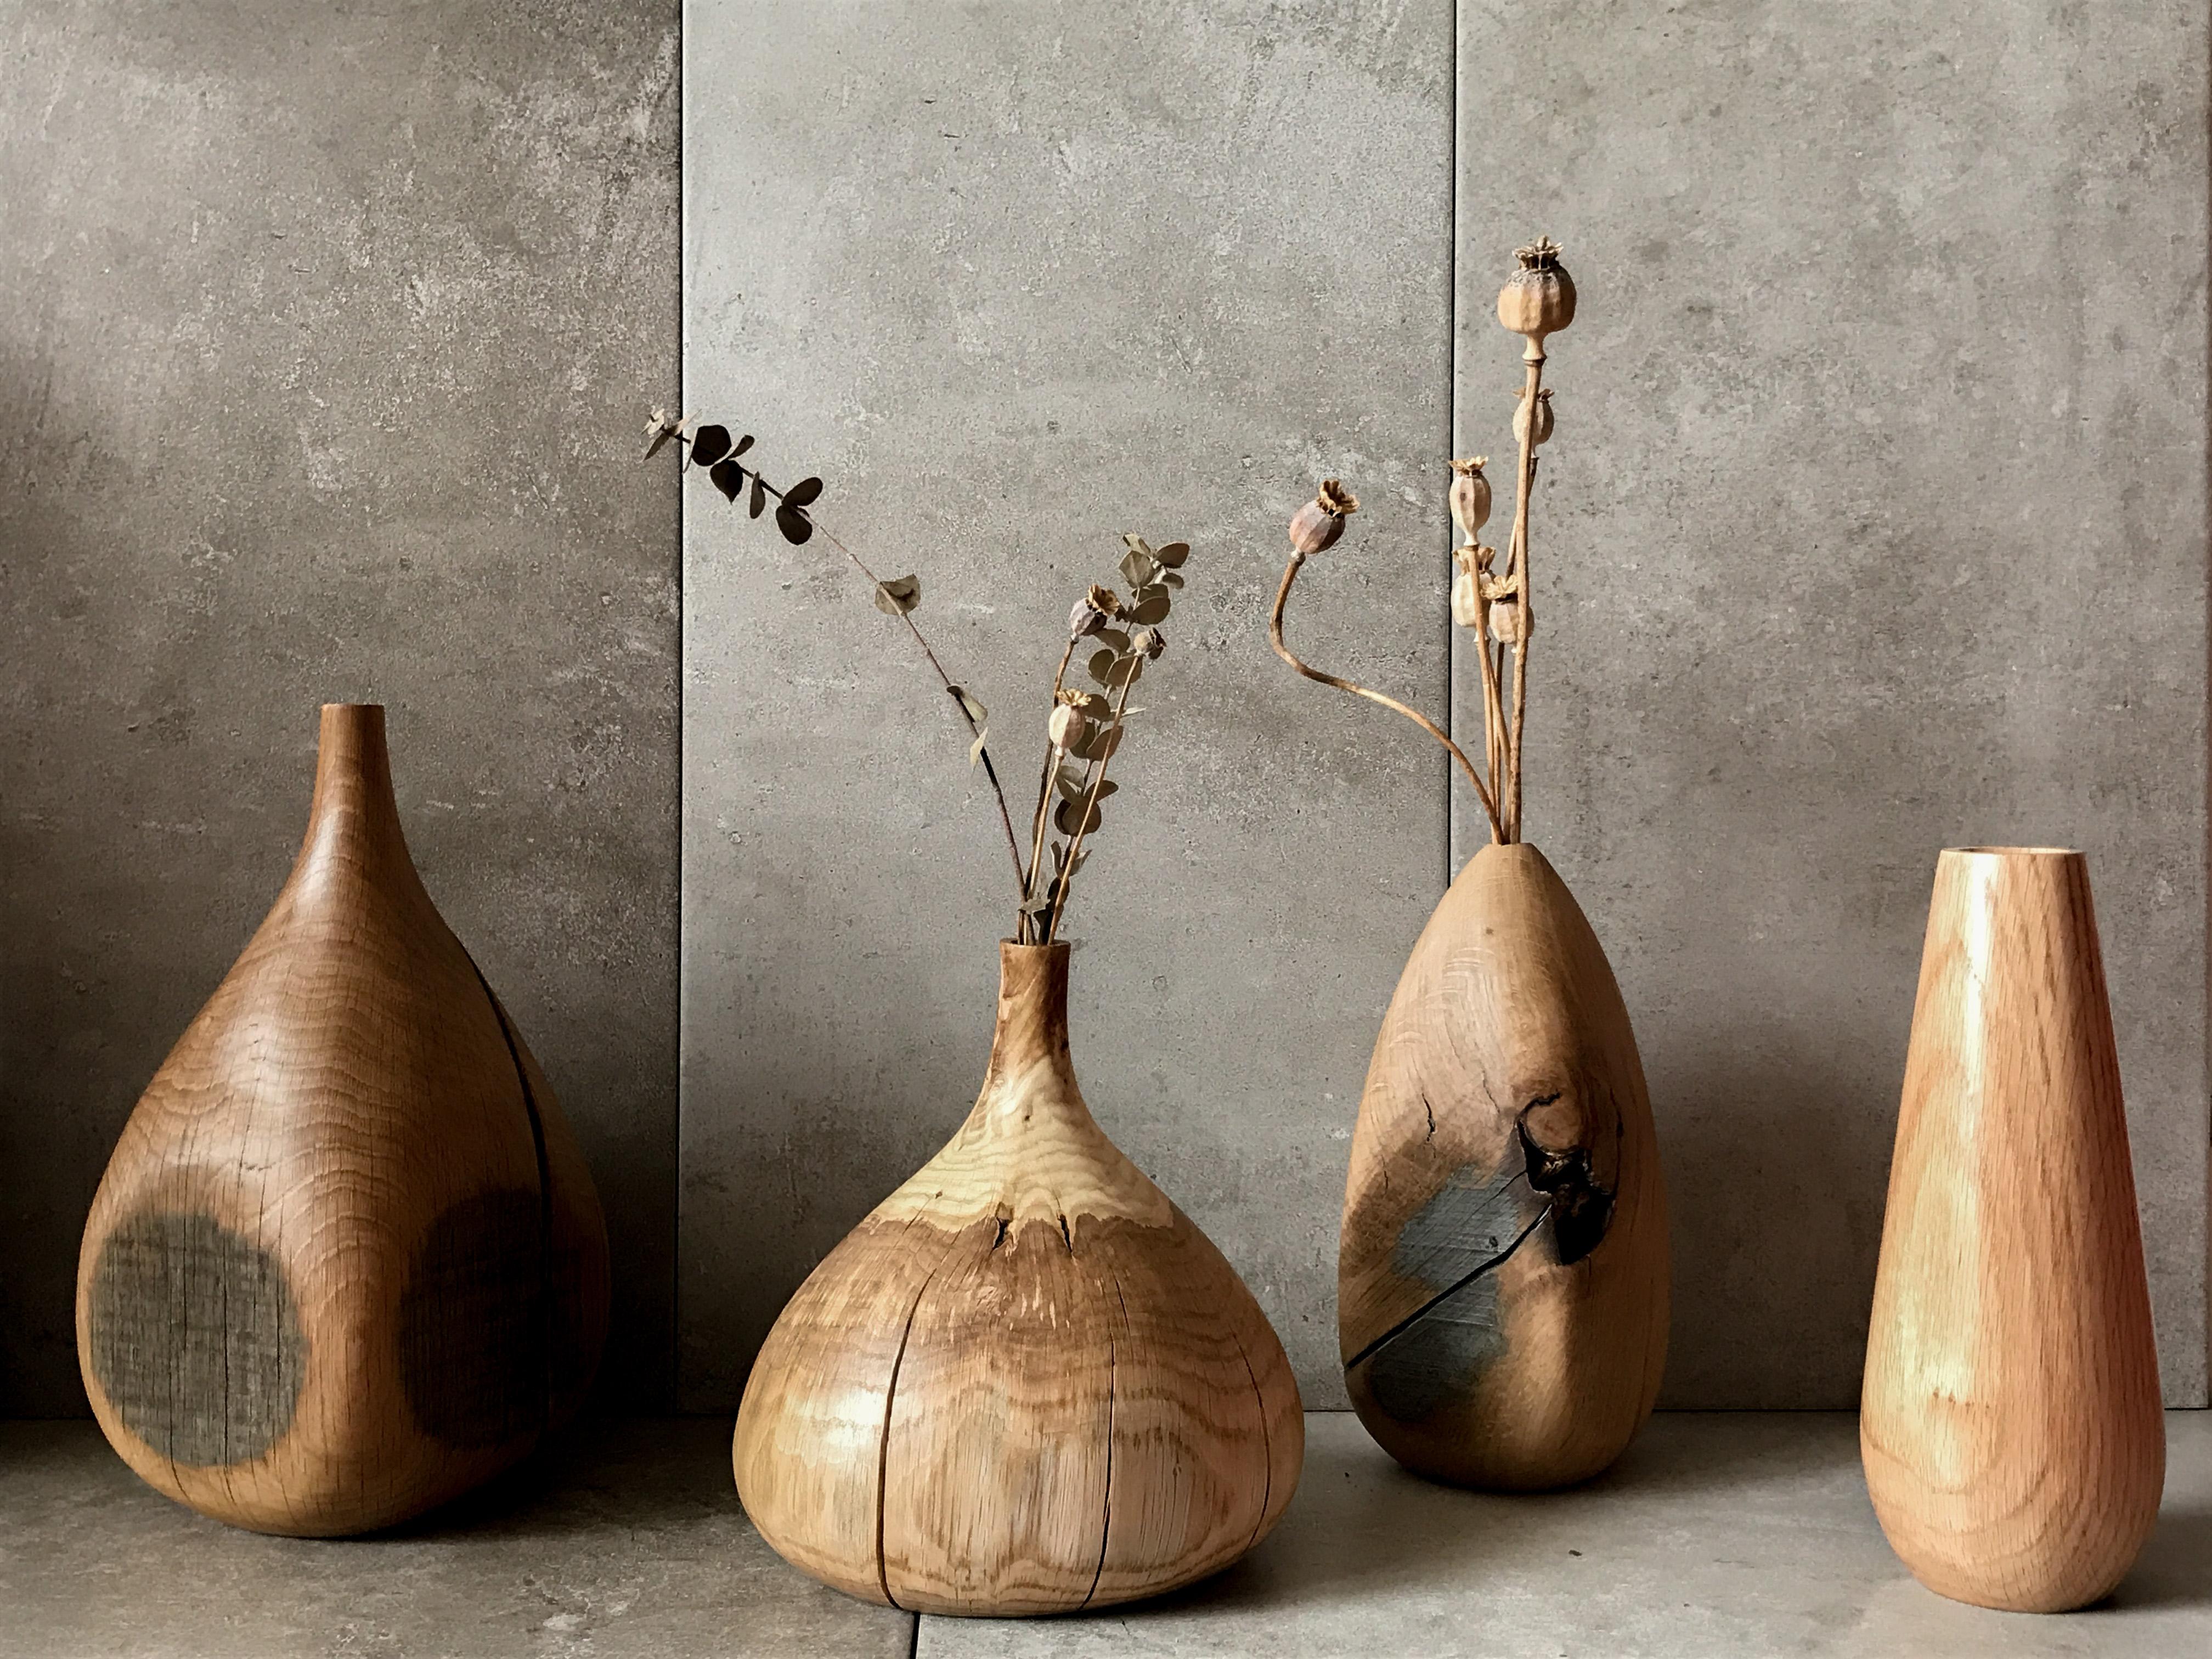 Hand carved wood work by Jamie Gaunt, Ke